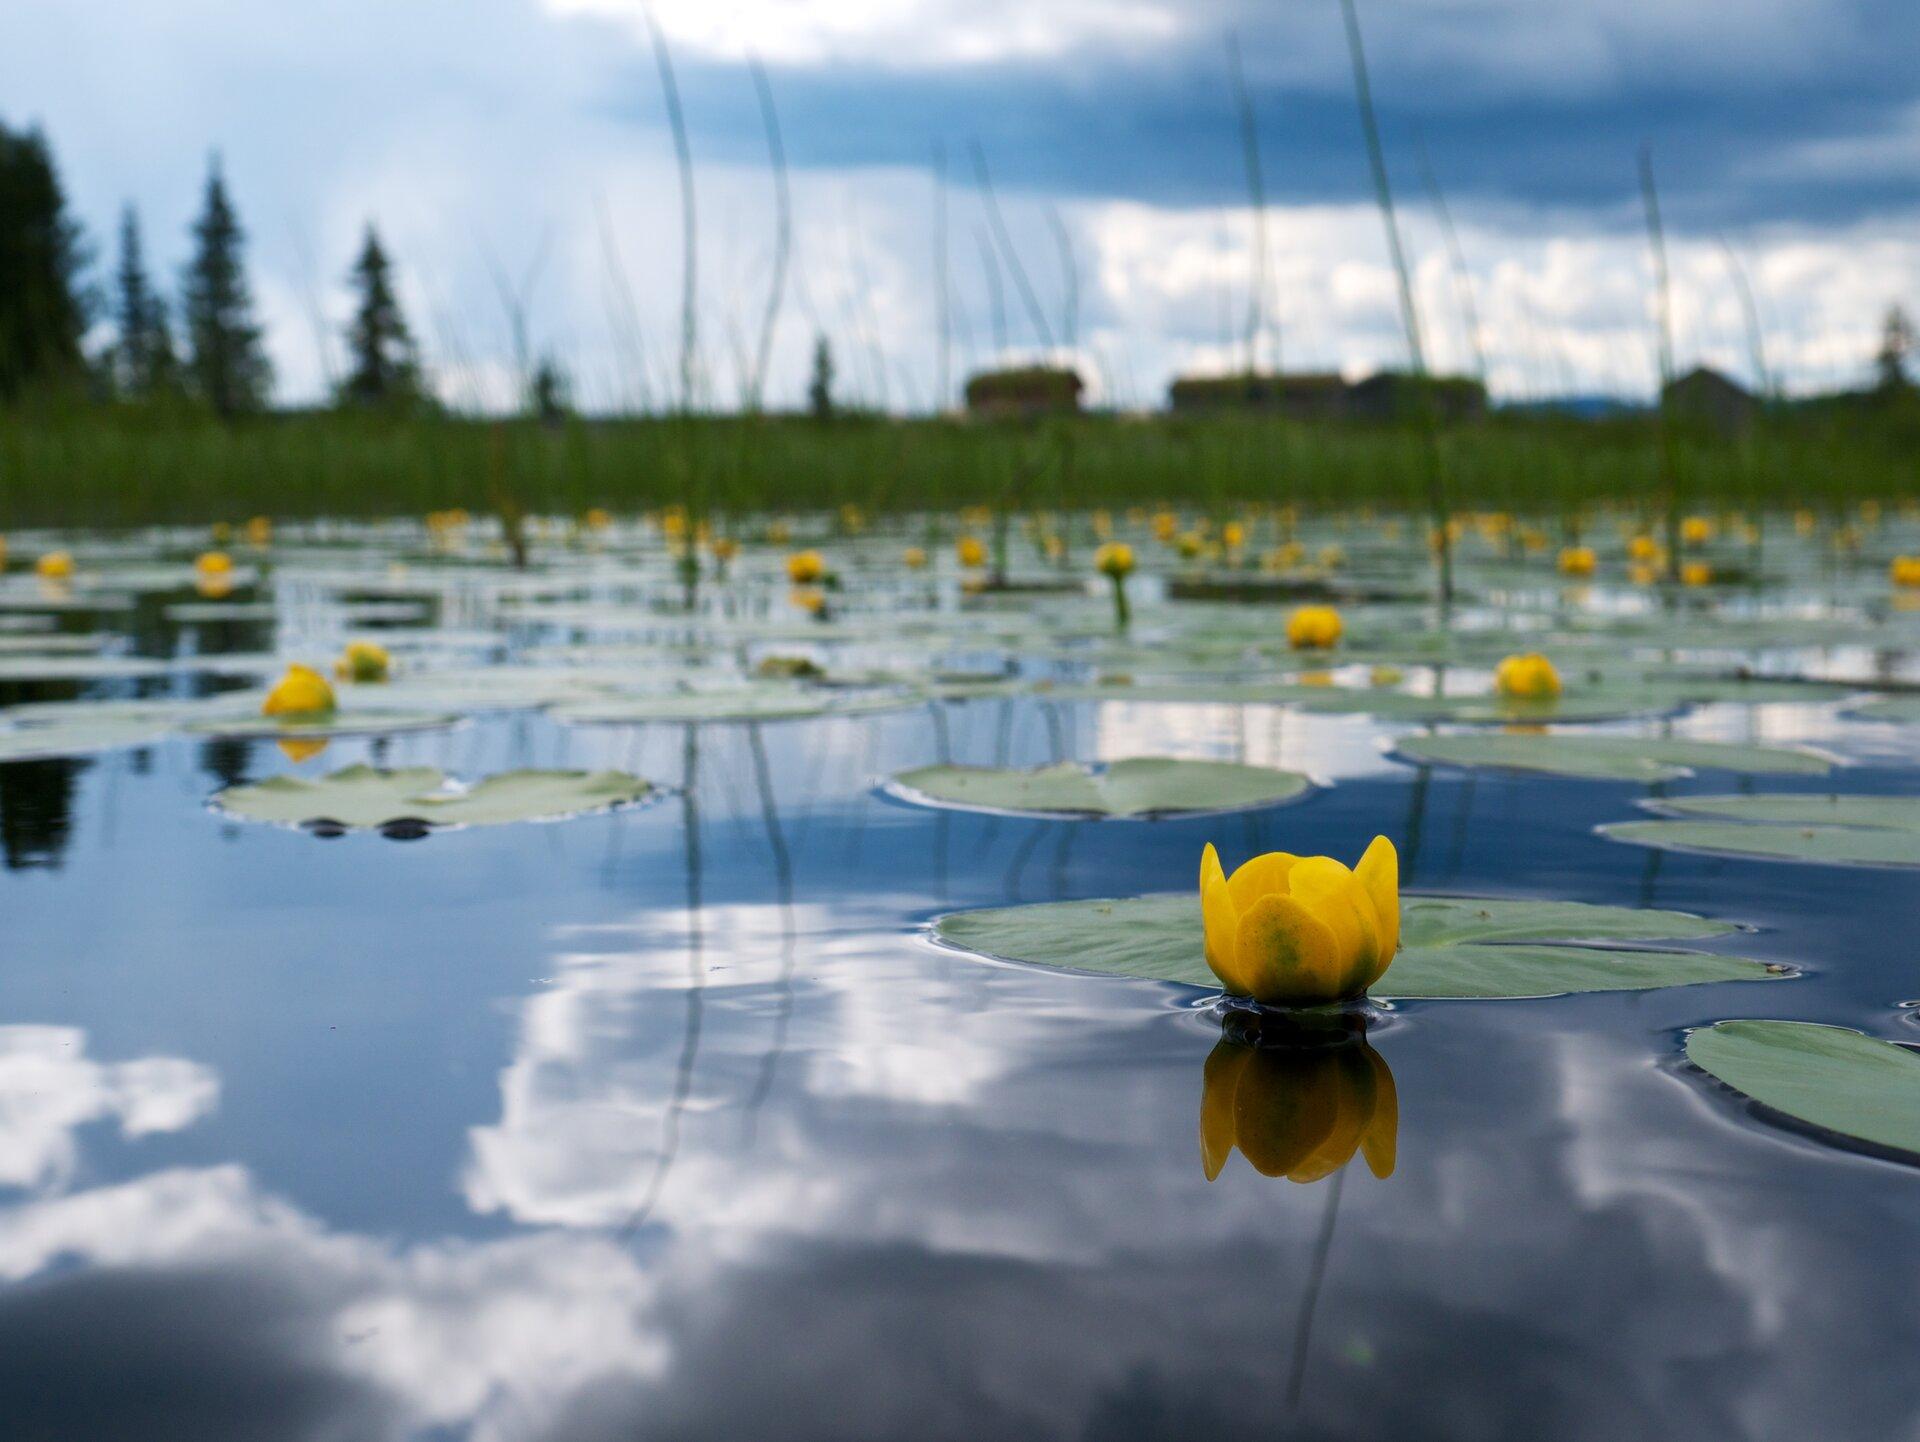 Fotografia prezentuje taflę jeziora, na której pływają żółte kwiaty grążela oraz ich okrągłe liście.